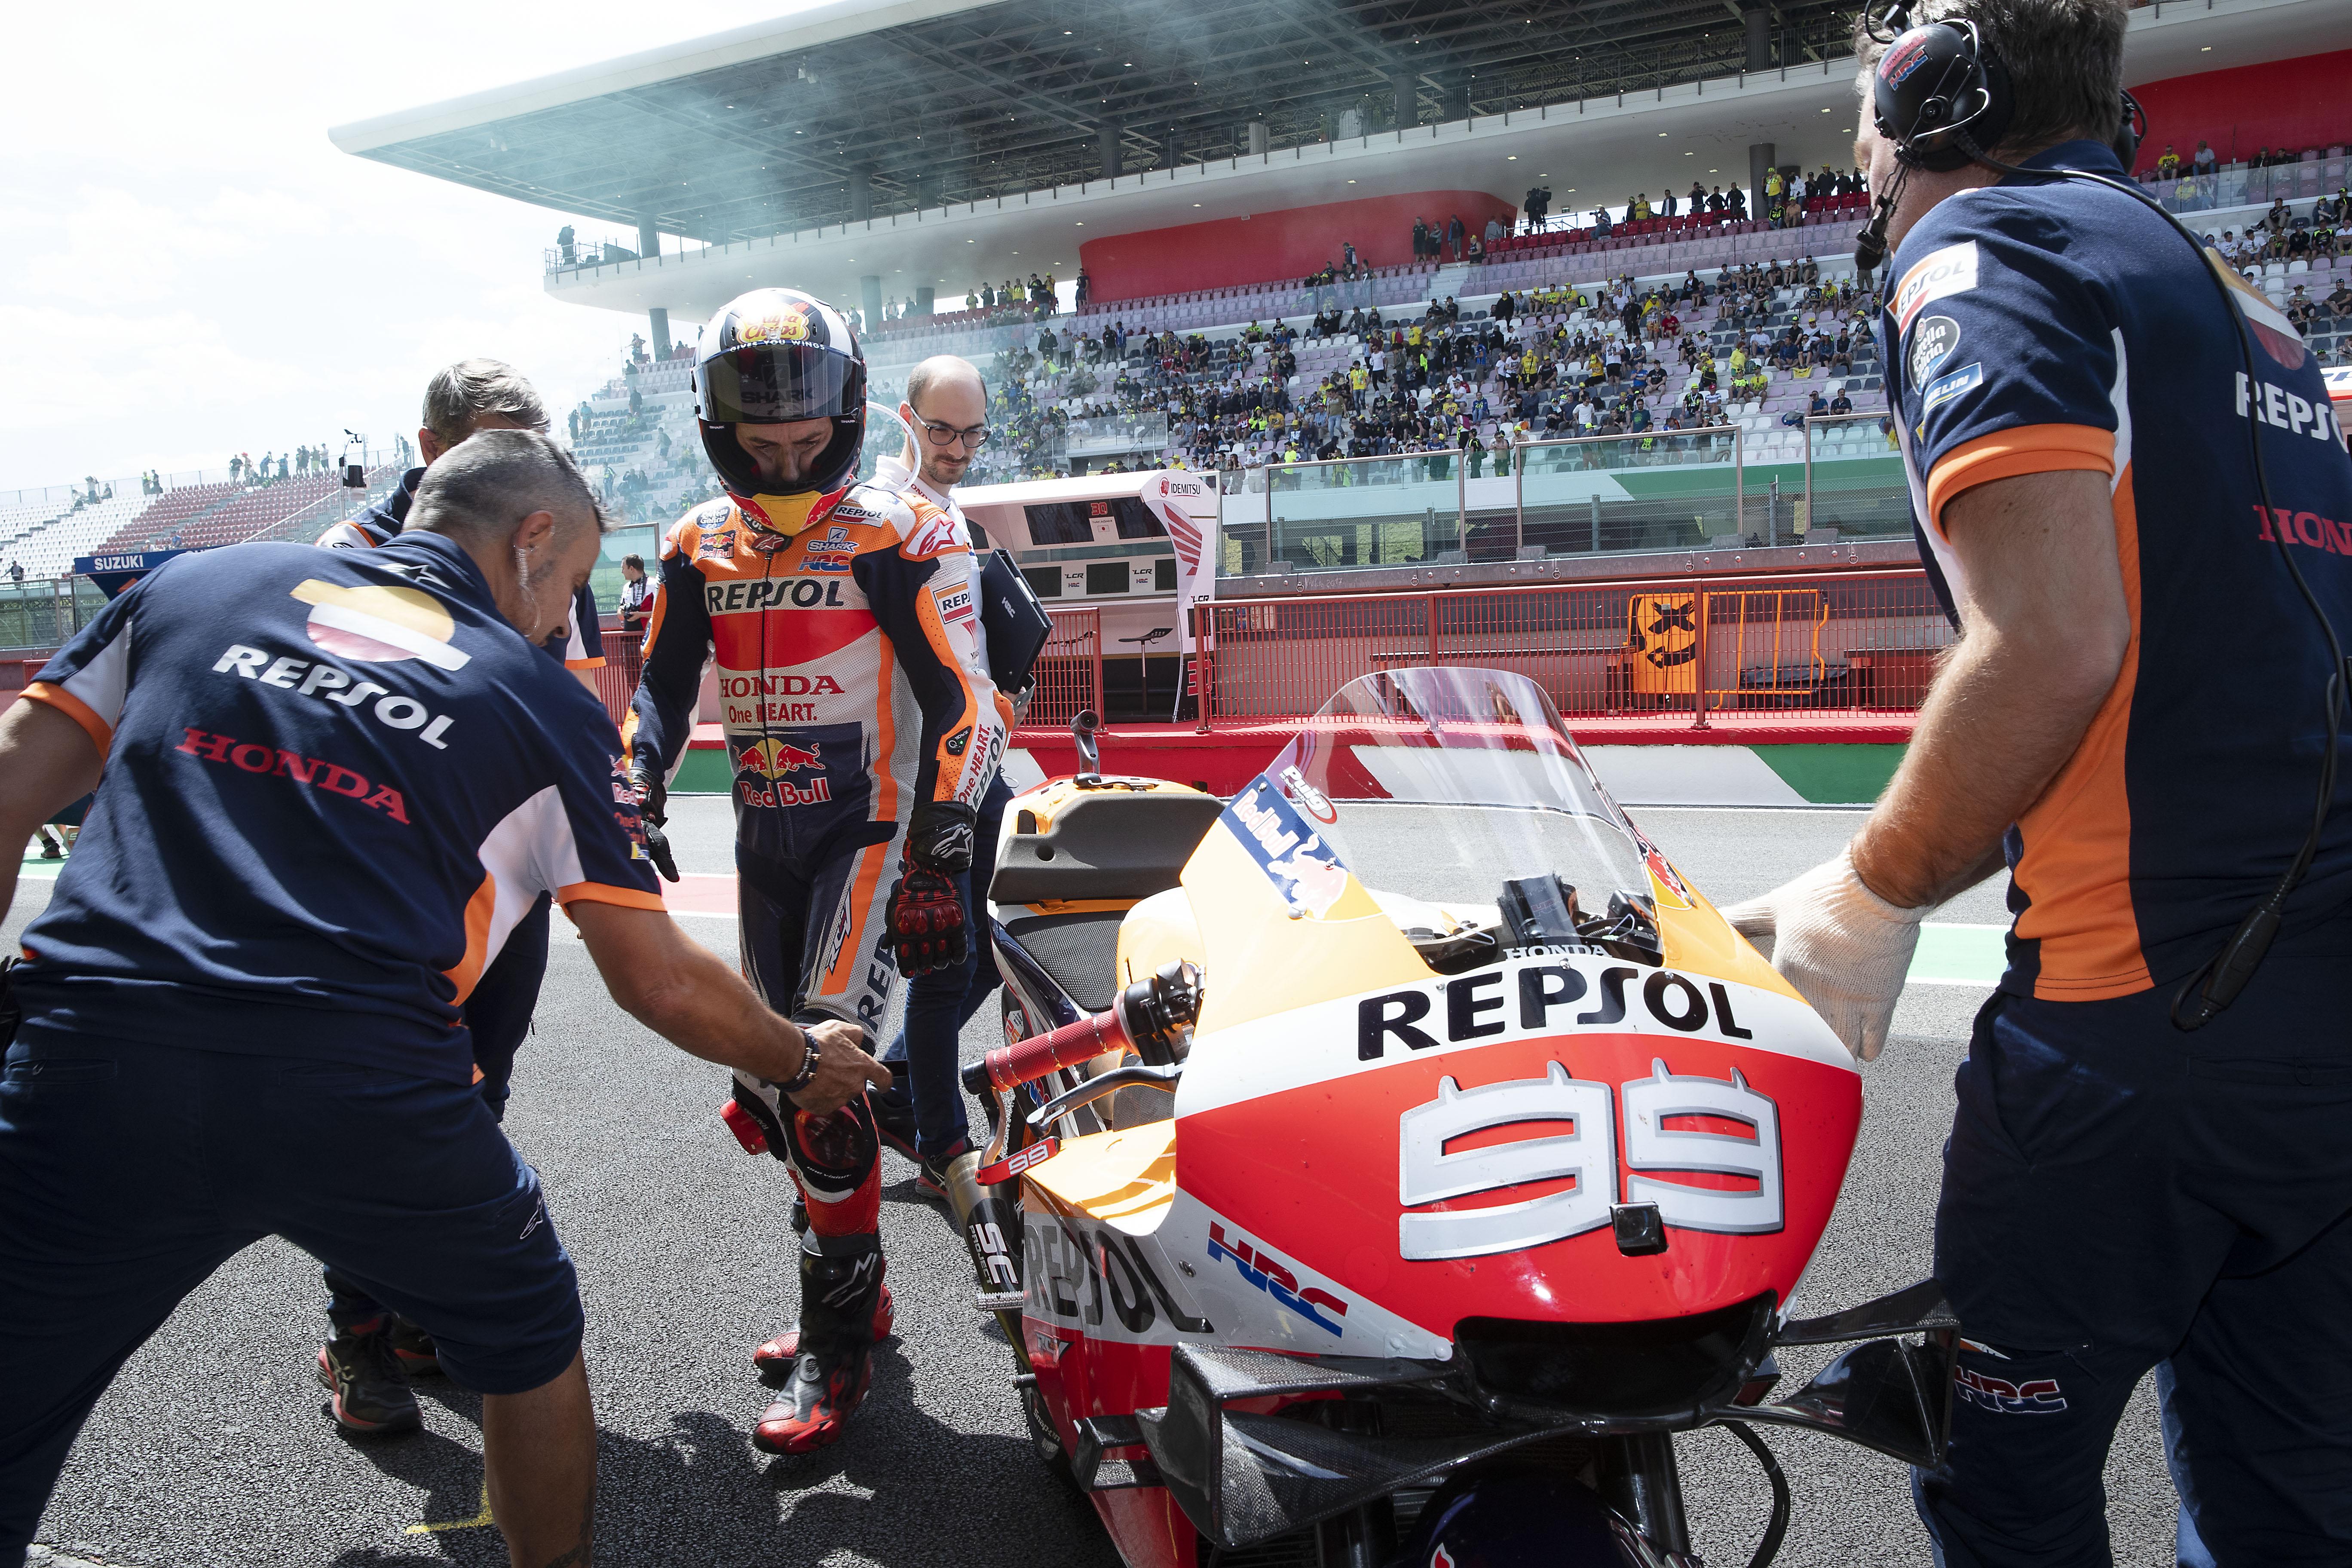 Honda descubre problemas técnicos en la moto de Jorge Lorenzo, que exige cambios